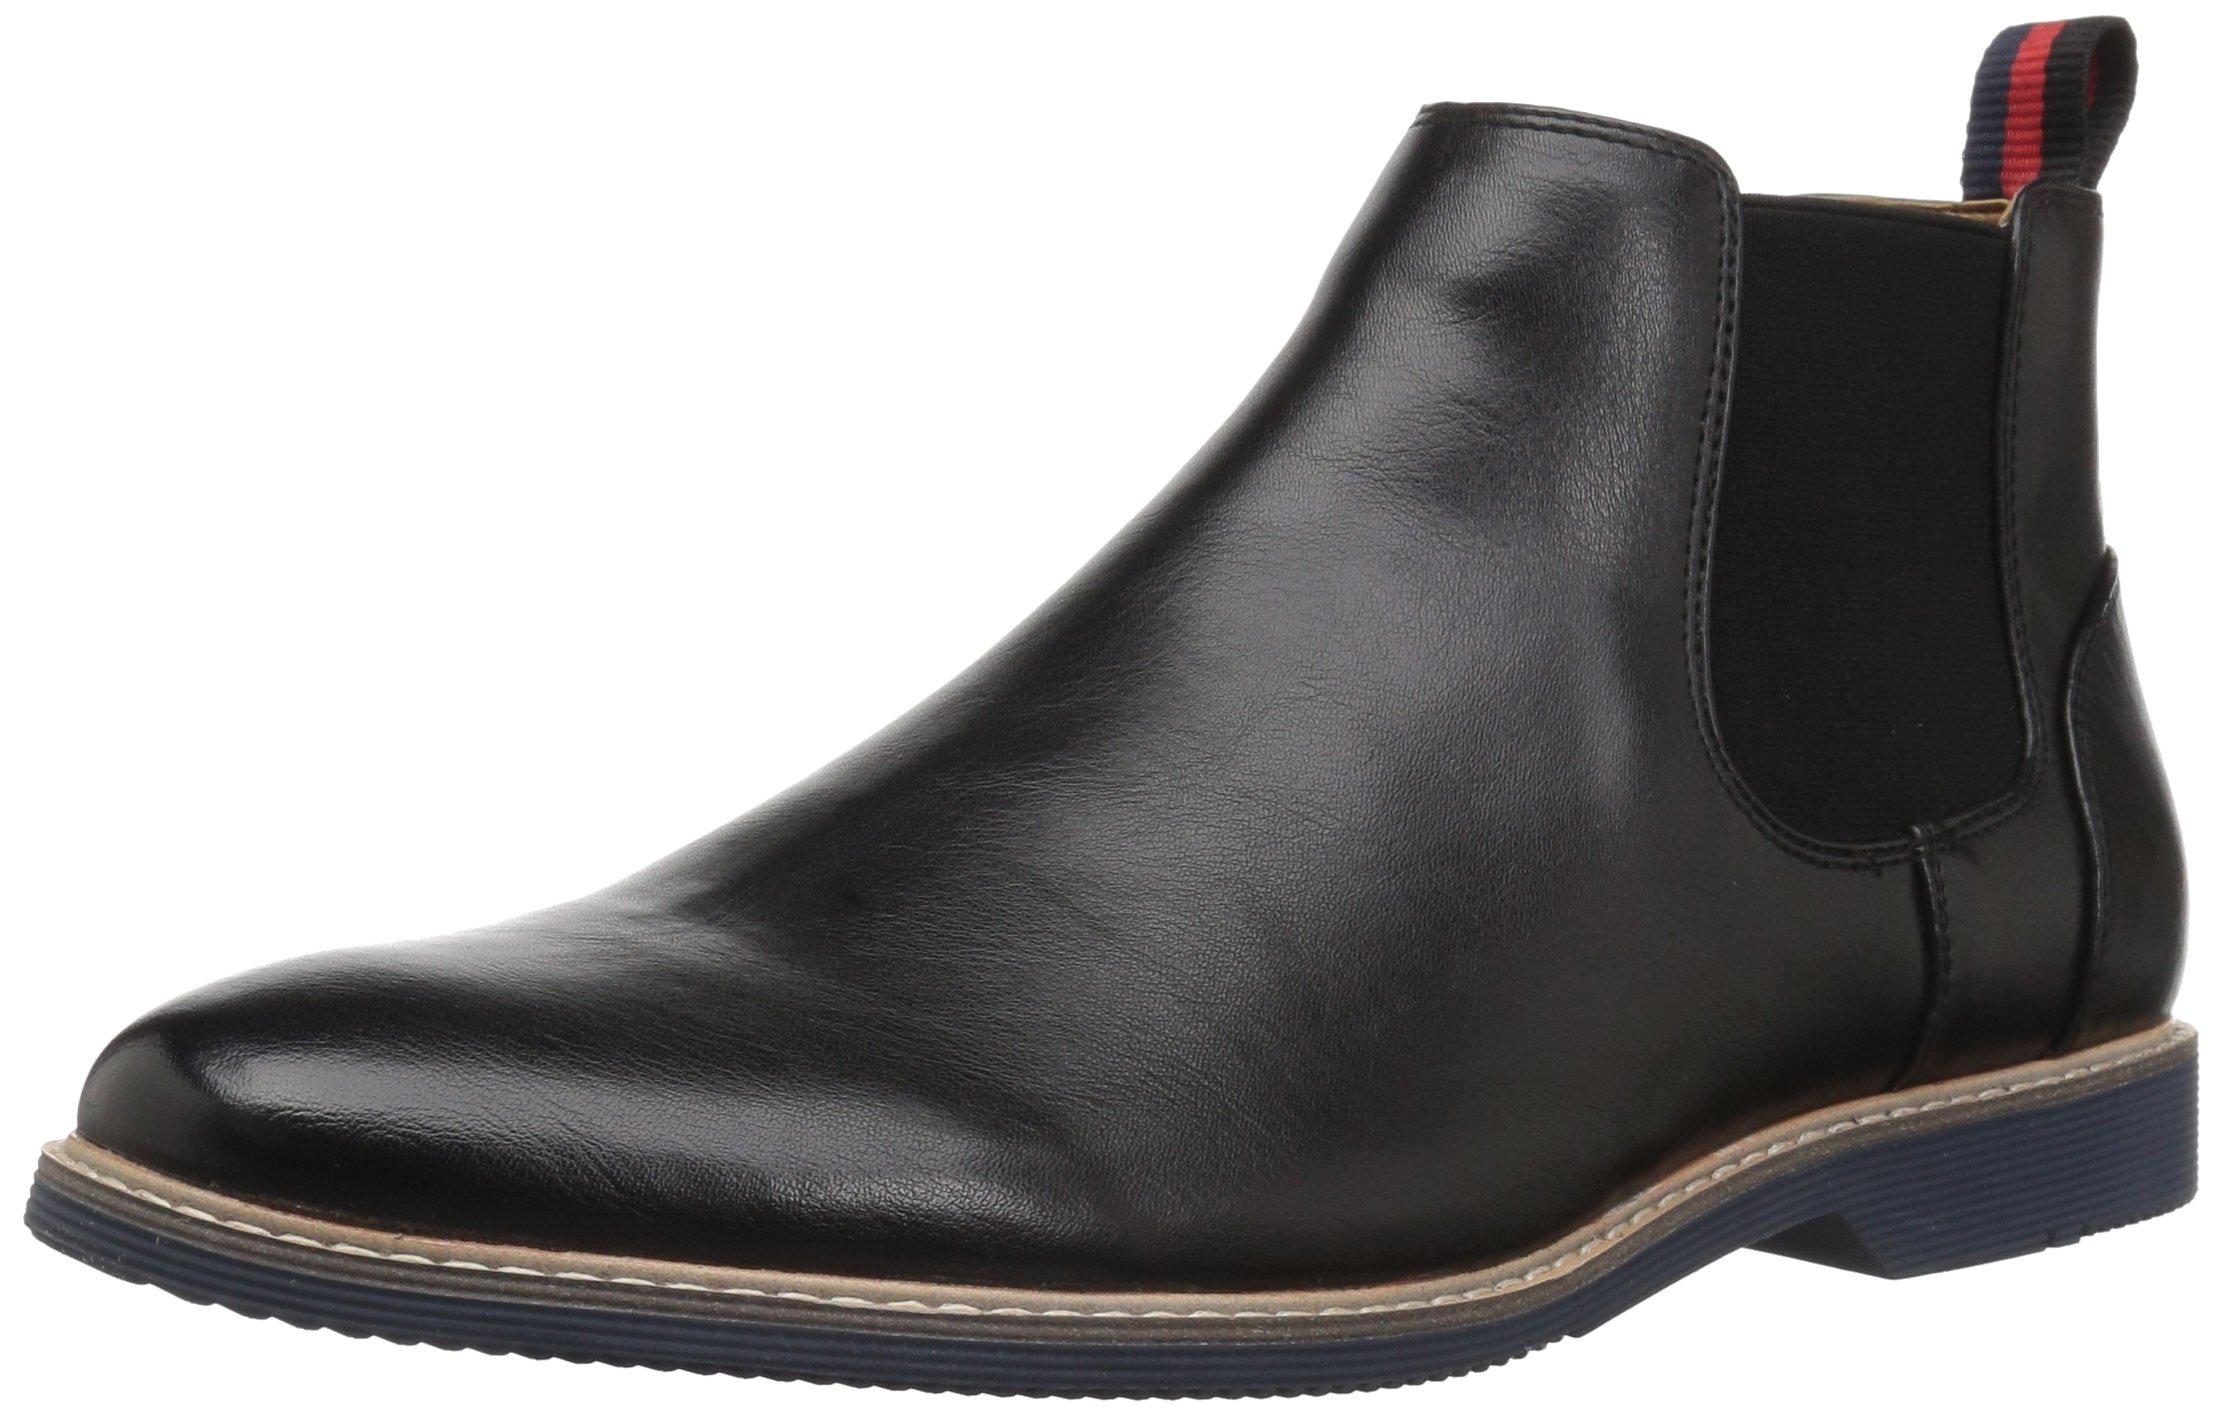 Steve Madden Men's Native Chelsea Boot, Black, 10 M US by Steve Madden